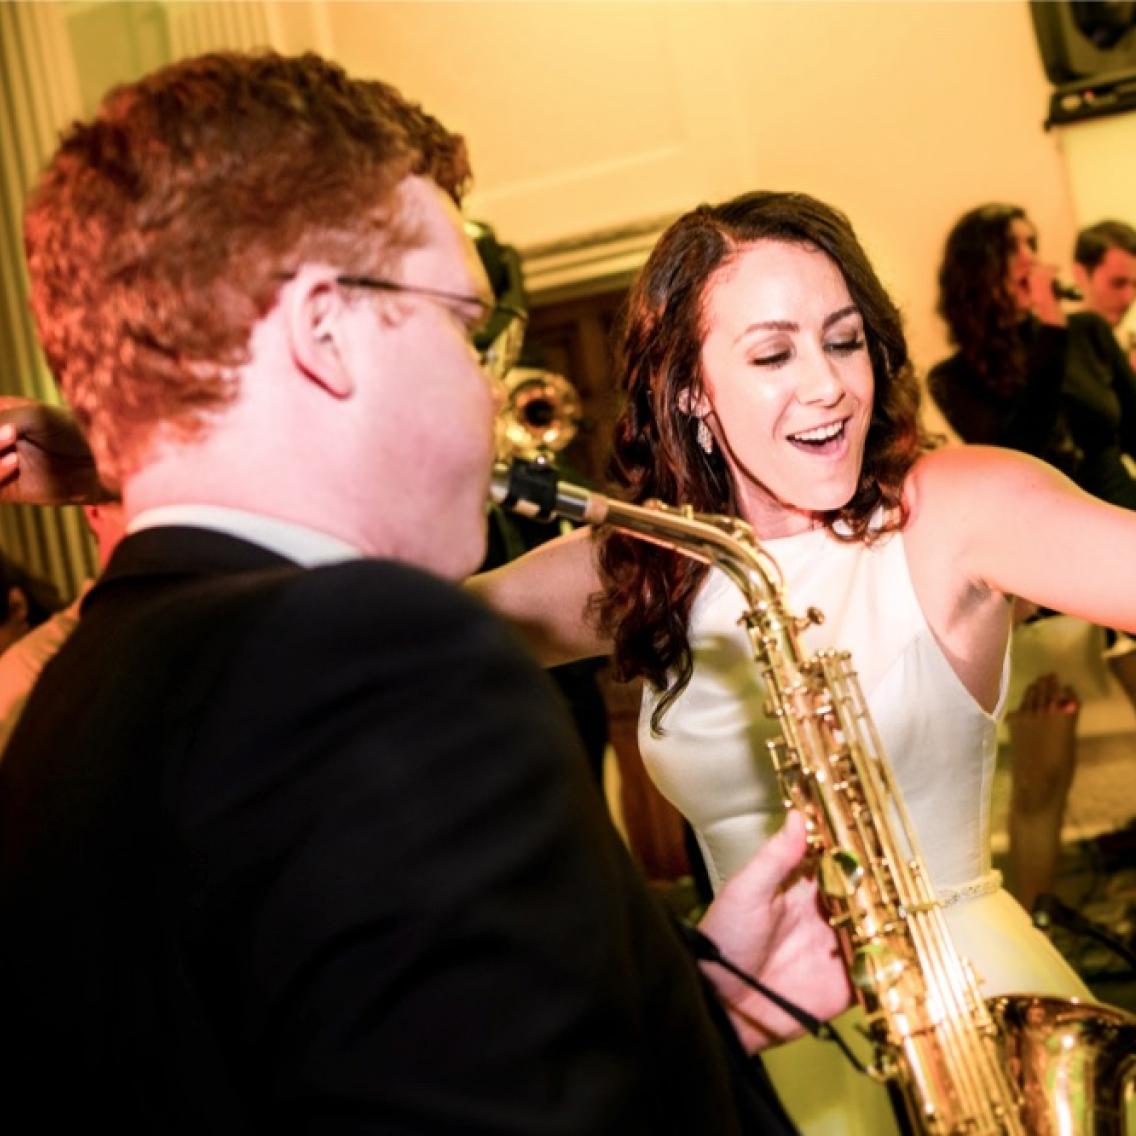 saxophone solo to bride